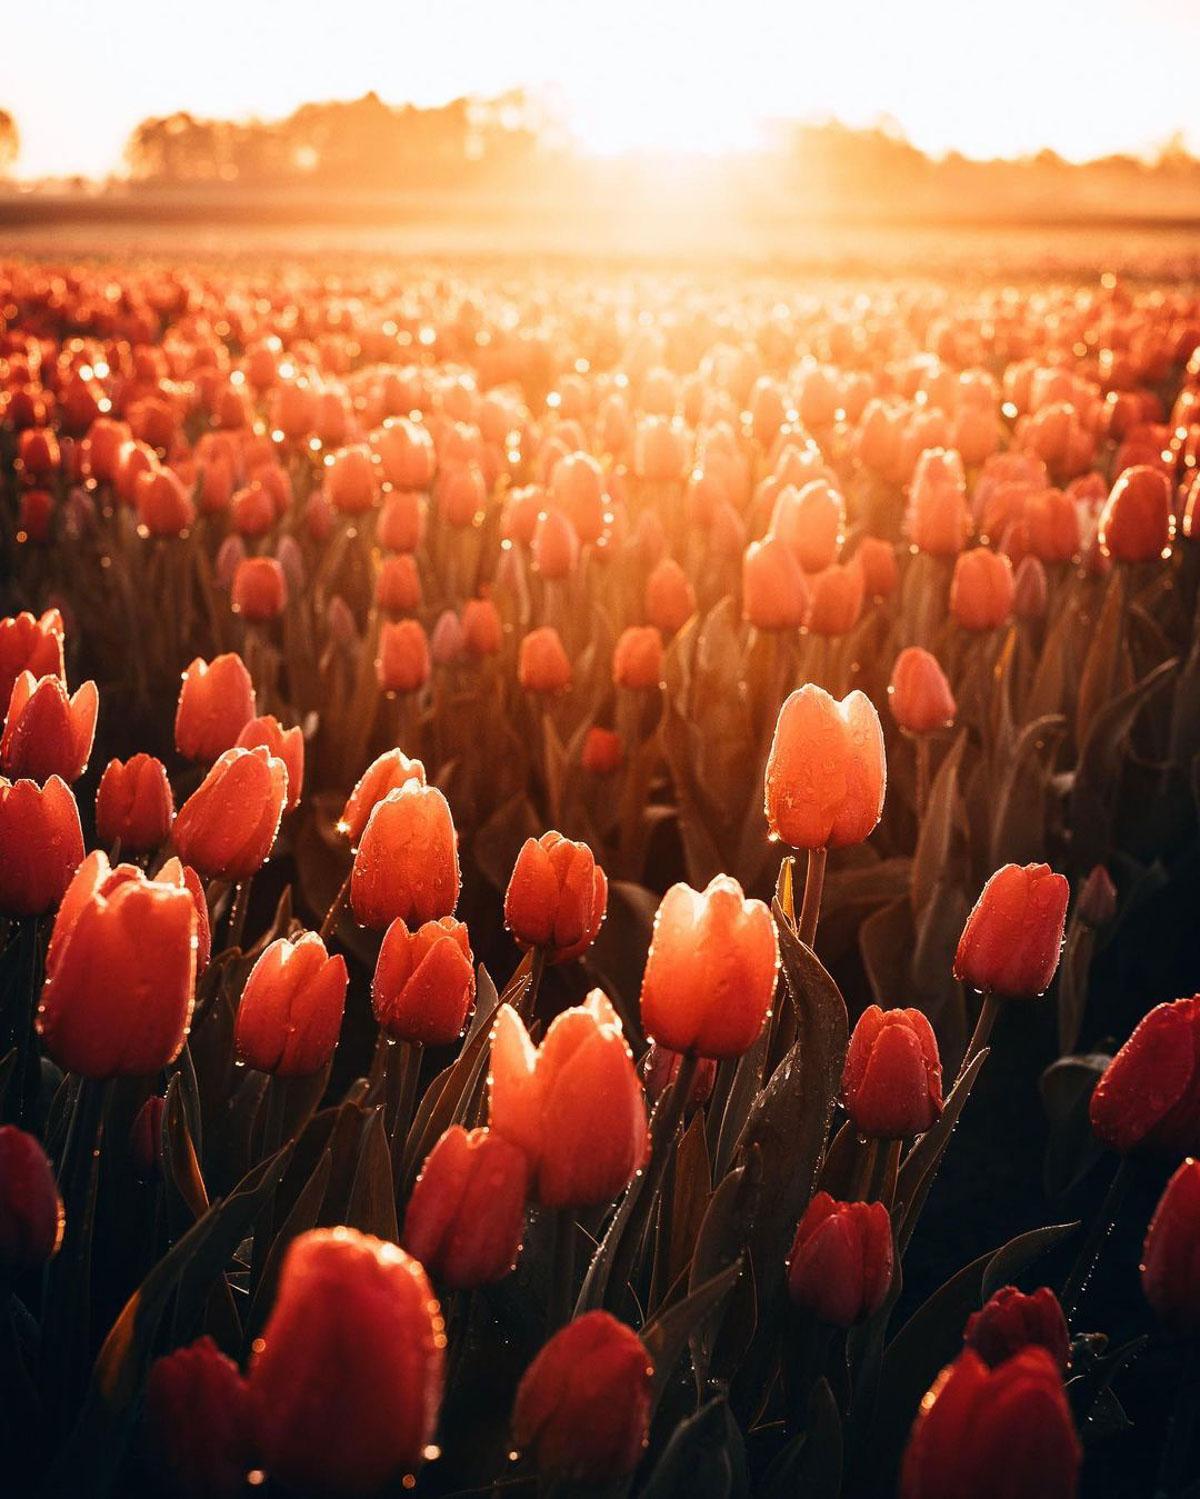 Tulpenvelden Groningen Smilde door fotografe Marion Stoffels